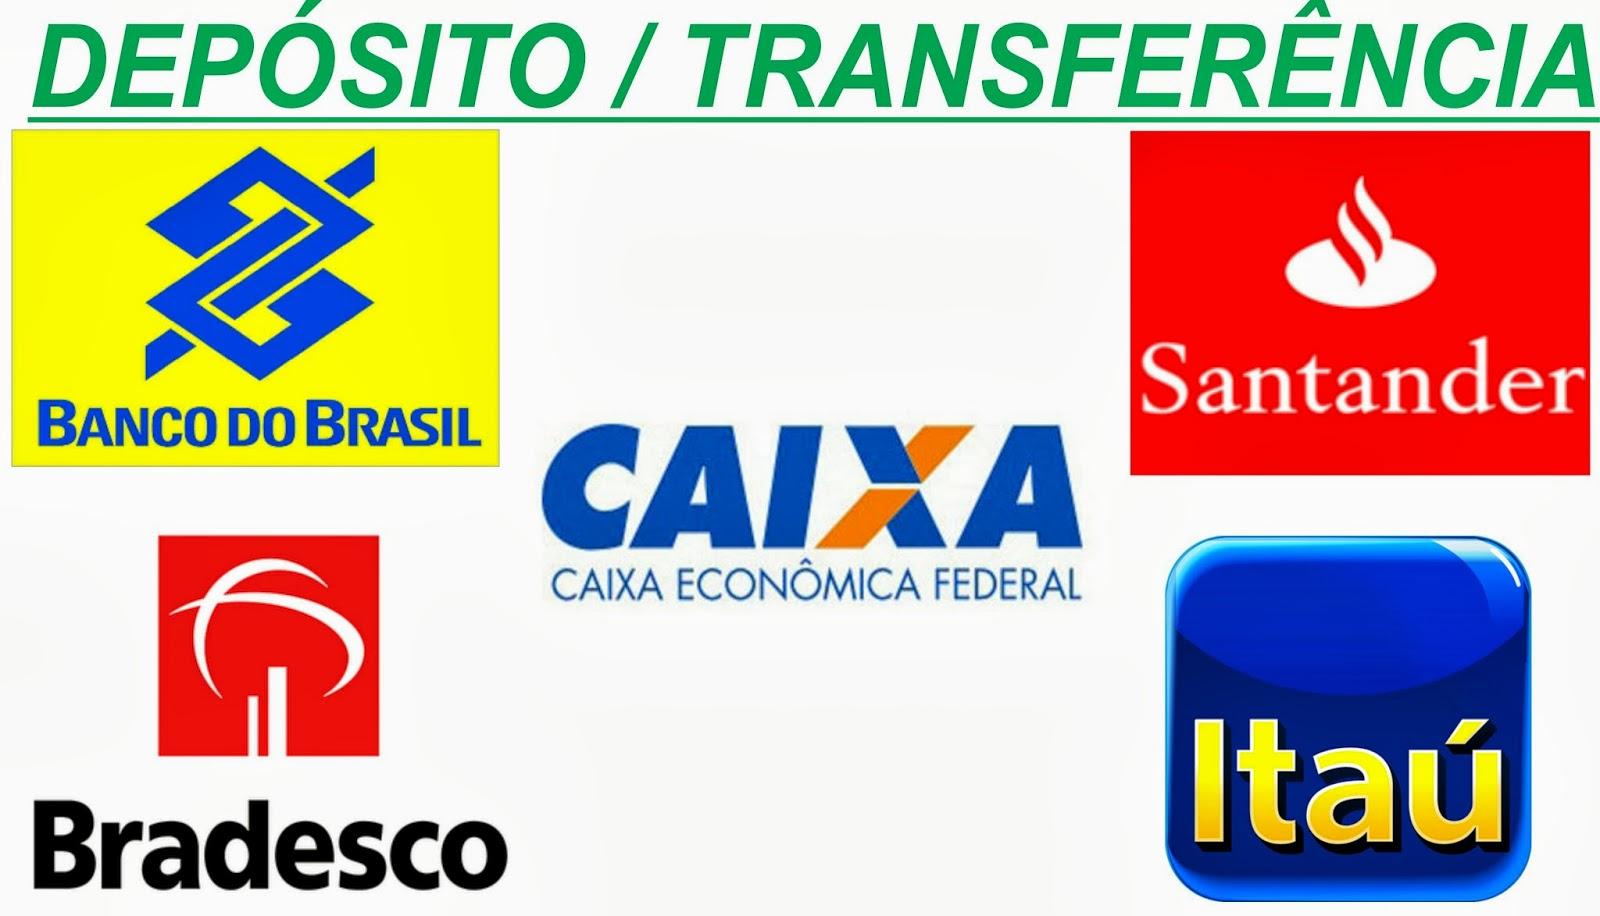 bancos1.jpg